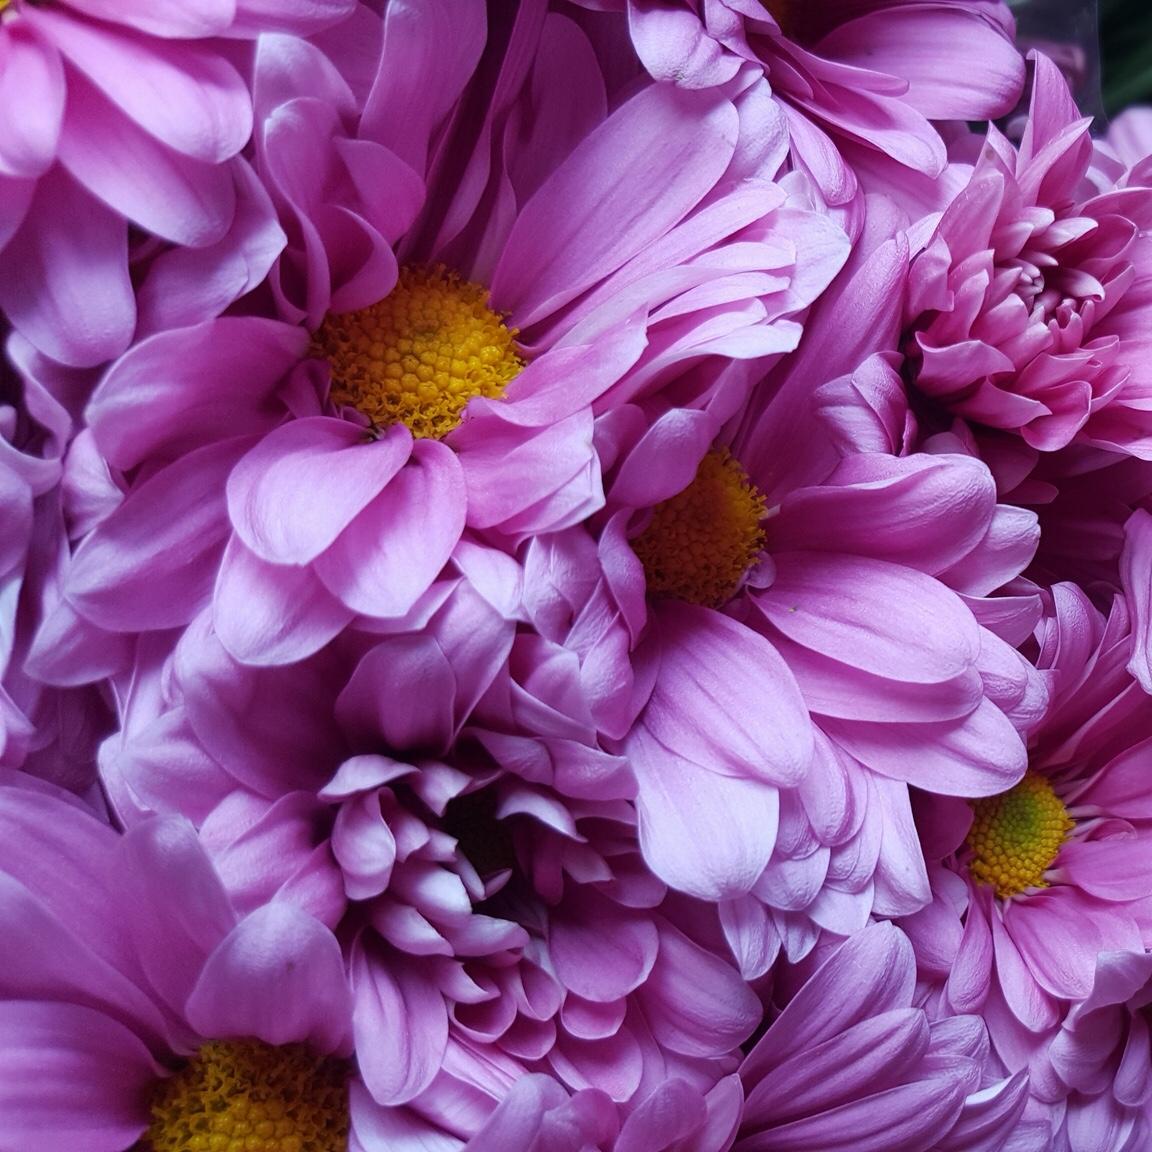 что картинки для самсунга с цветами раннего